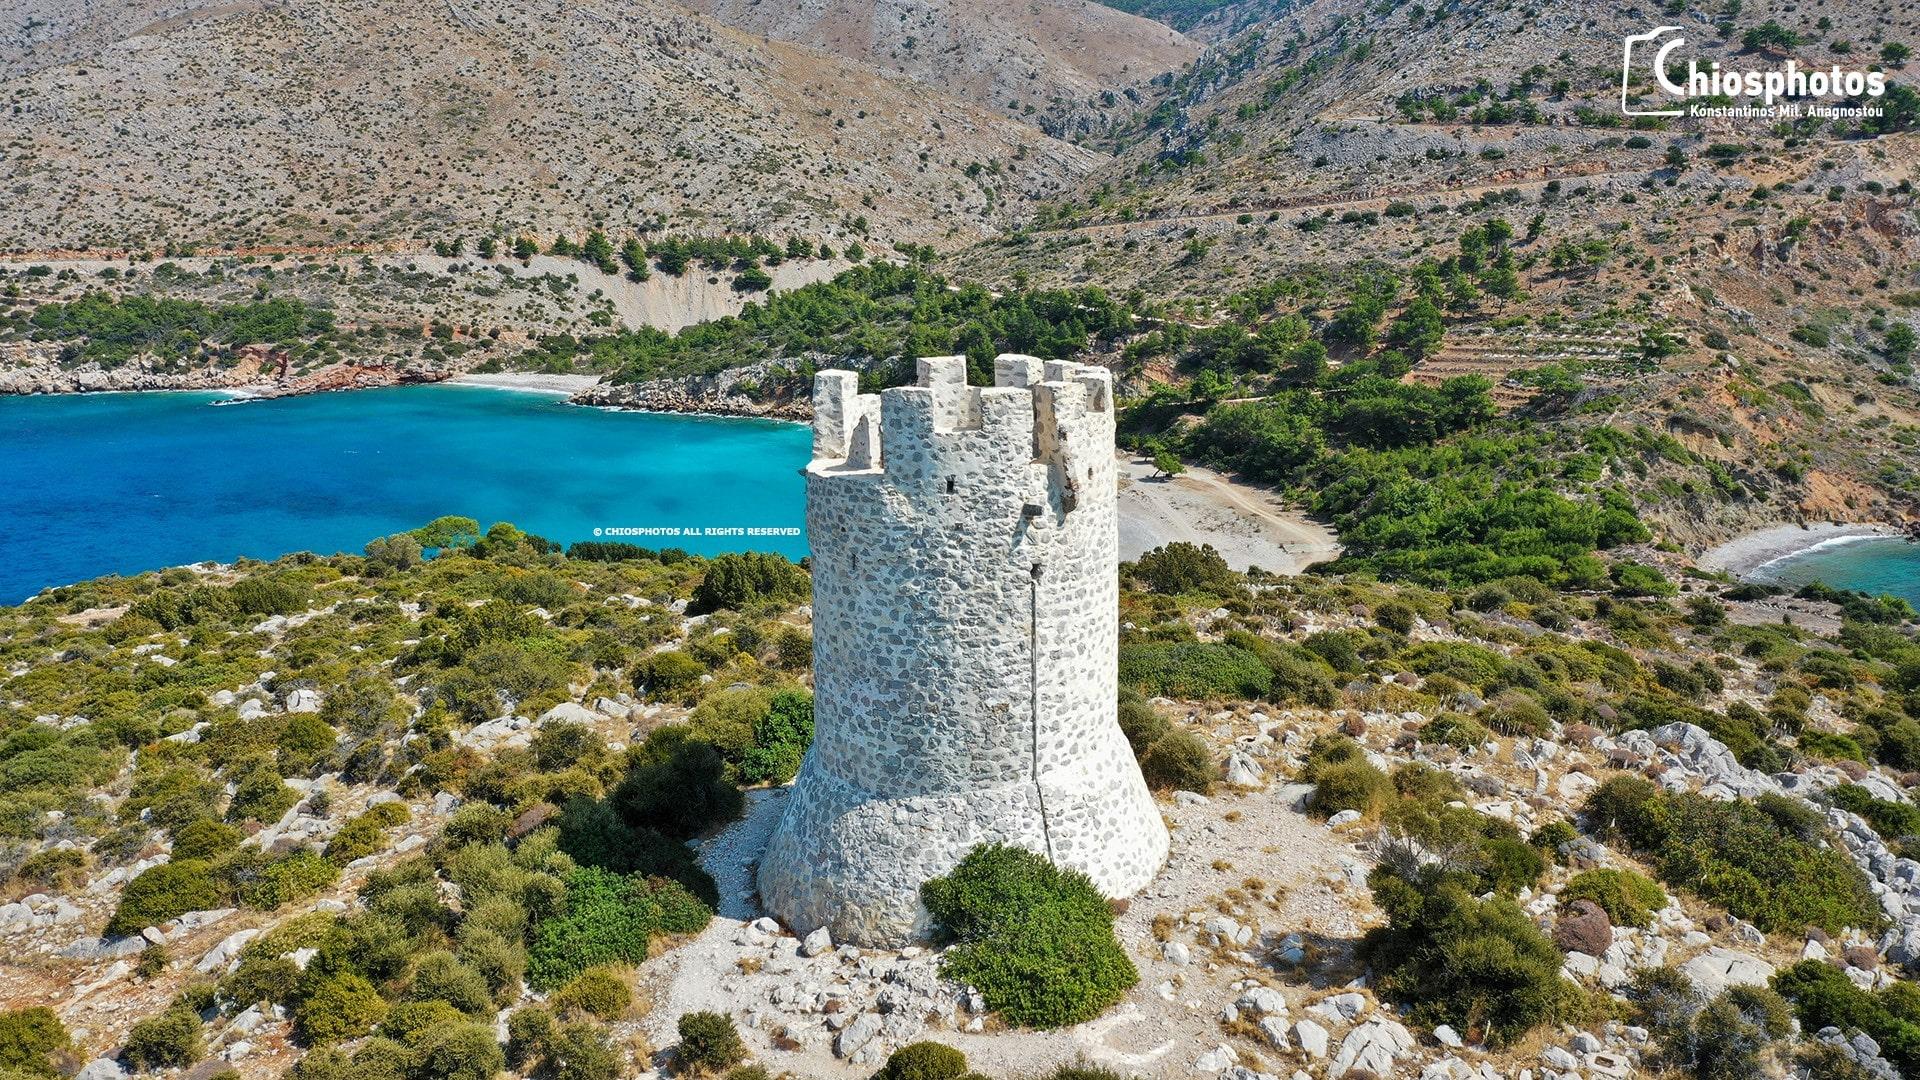 Οι μεσαιωνικοί πύργοι της Χίου που προστάτευαν το νησί από τους πειρατές